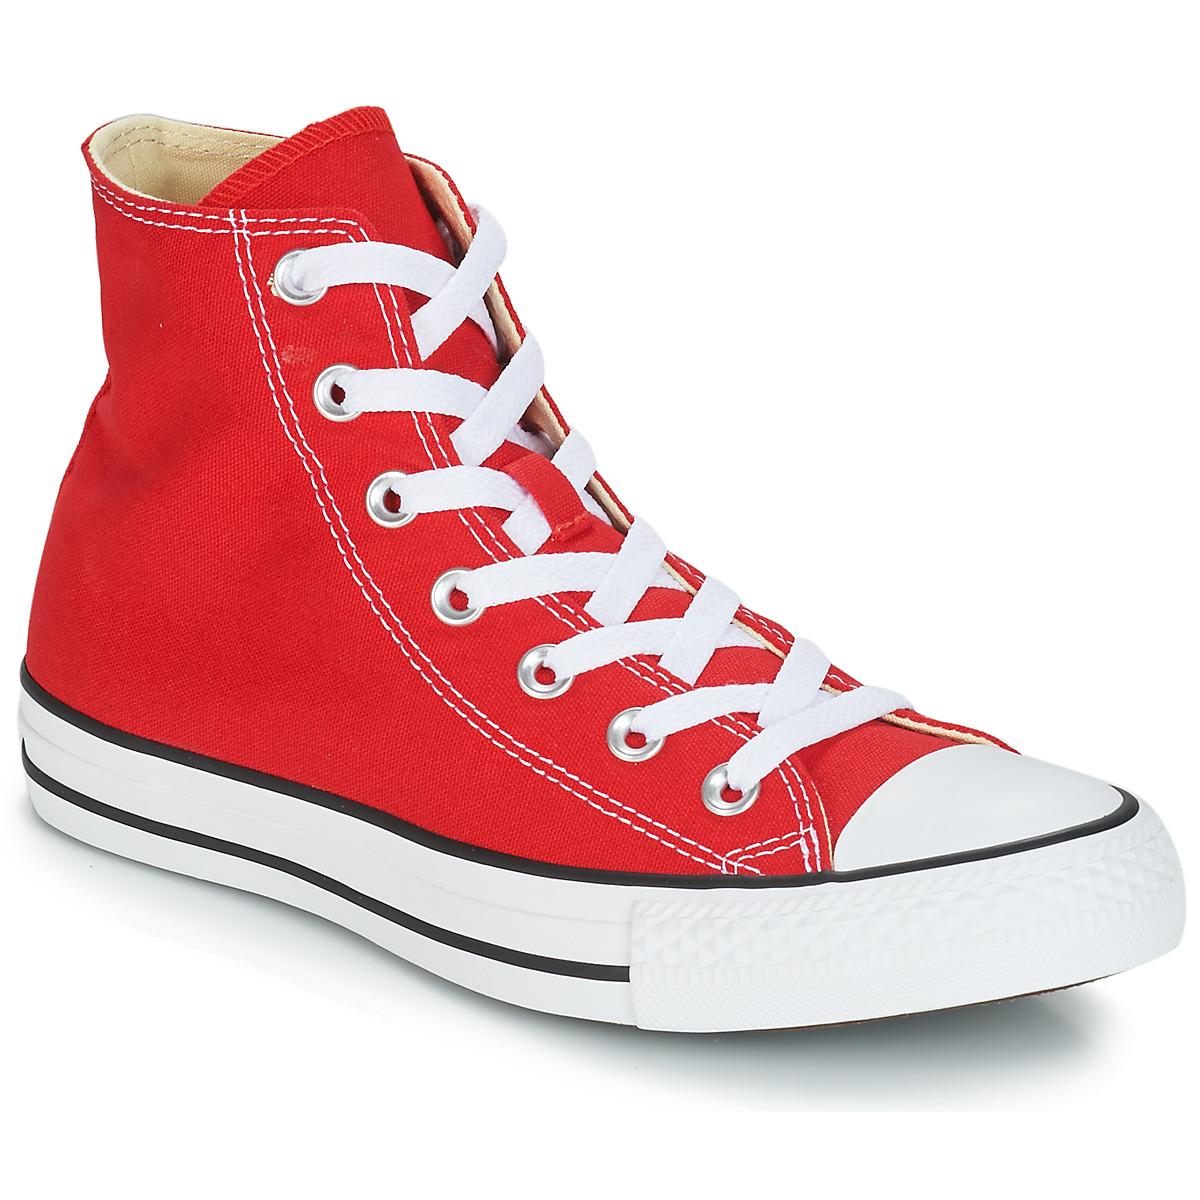 Converse CHUCK TAYLOR ALL STAR CORE HI Rot - Kostenloser Versand bei Spartoode ! - Schuhe Sneaker High  55,99 €